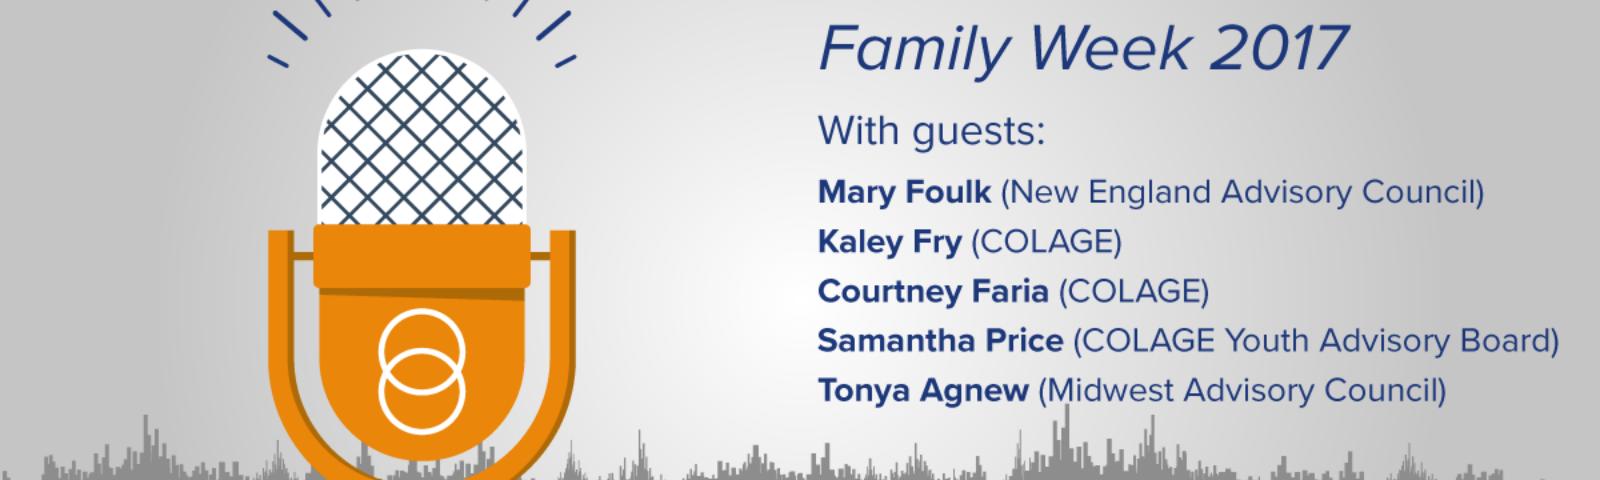 Episode #7: Family Week 2017